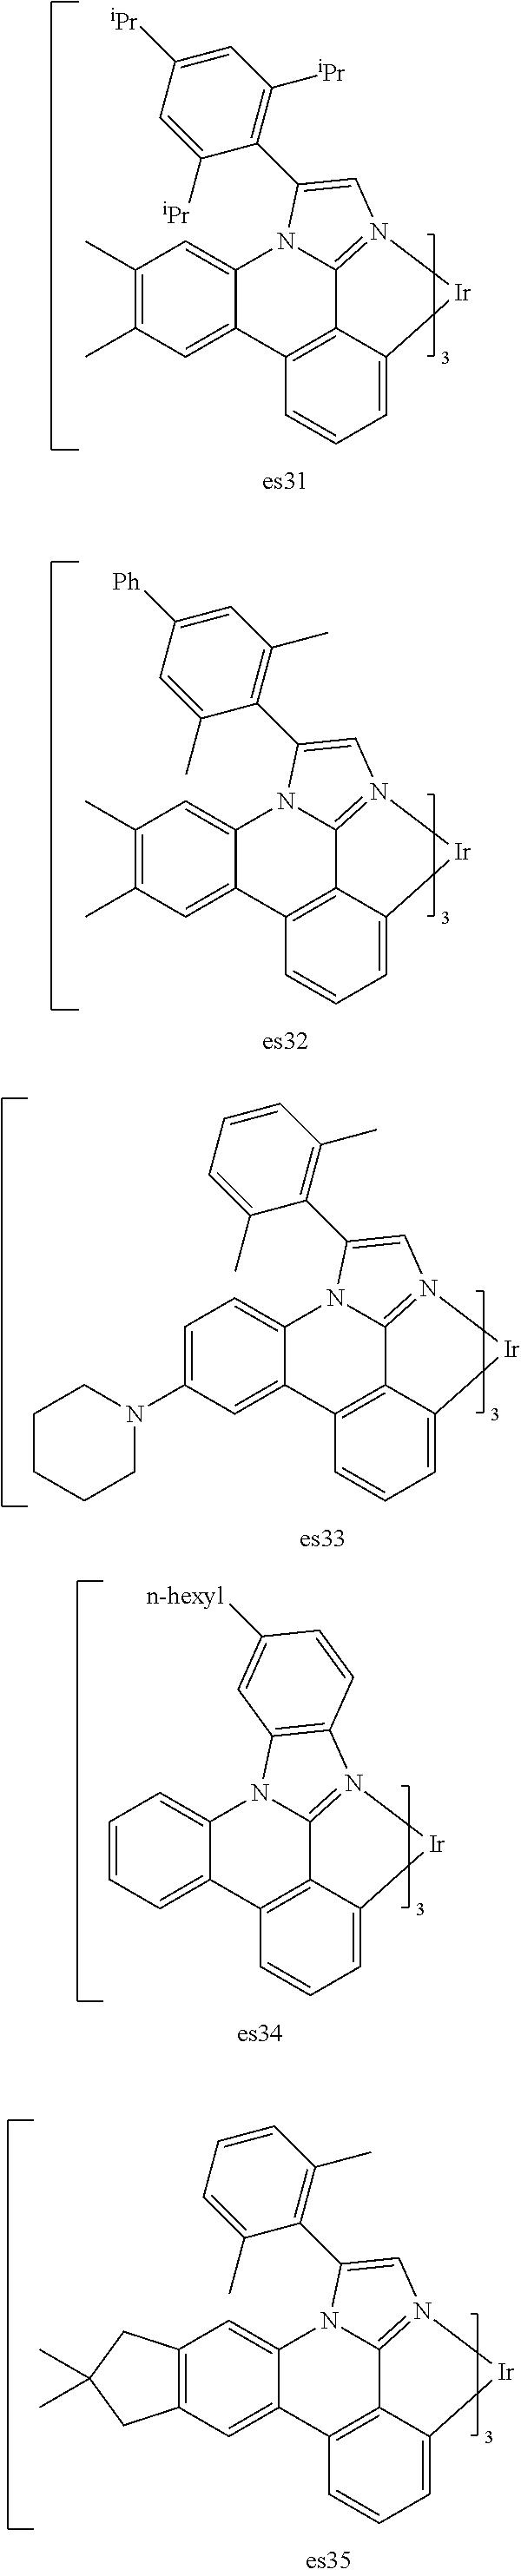 Figure US07915415-20110329-C00192